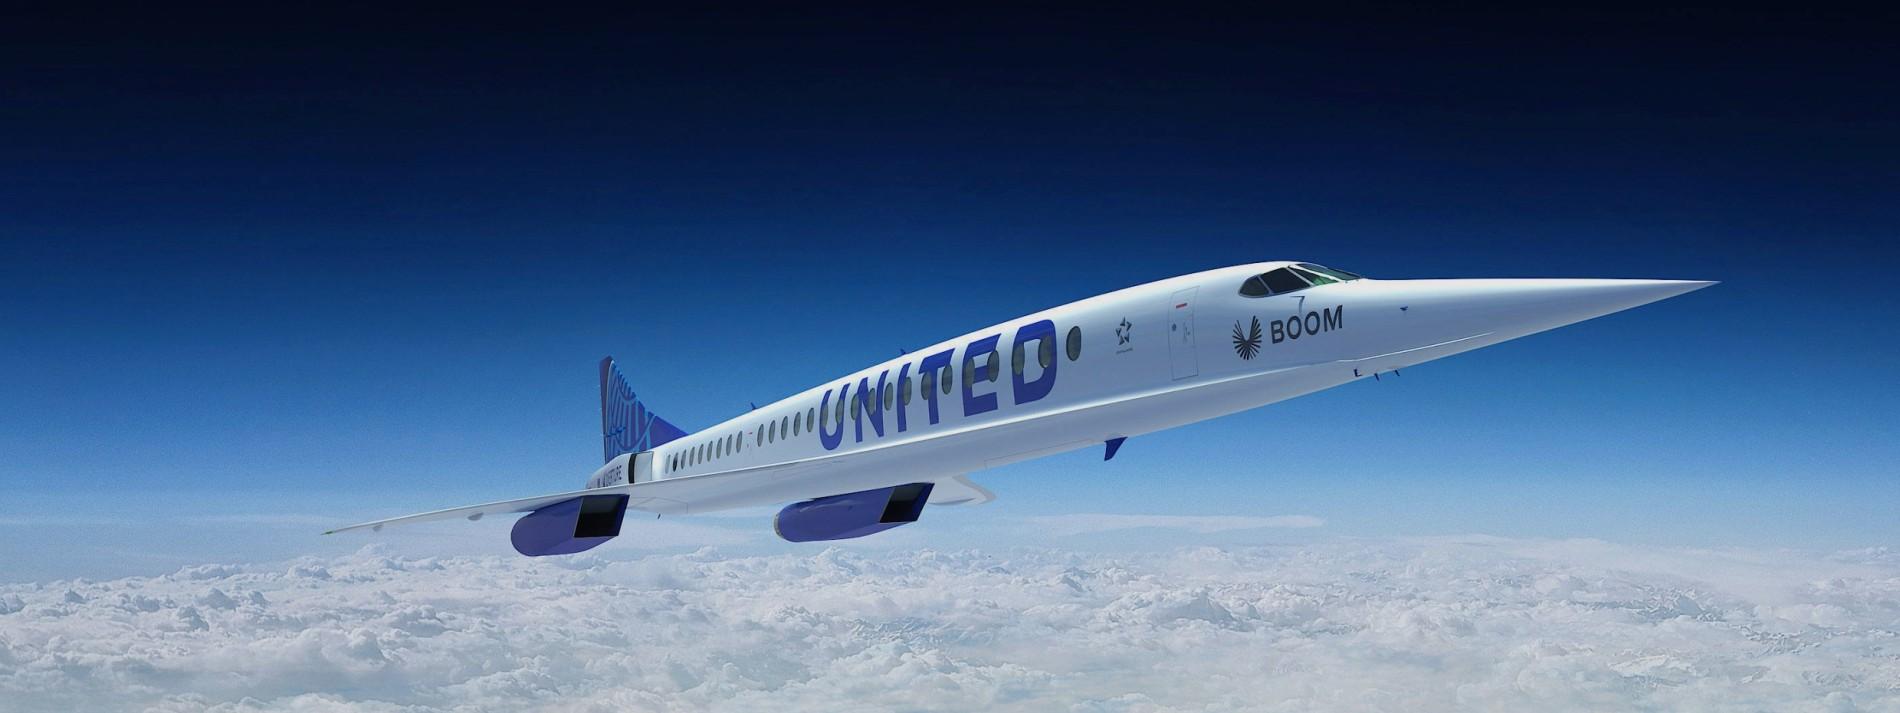 United Airlines bestellt zahlreiche Überschall-Flugzeuge